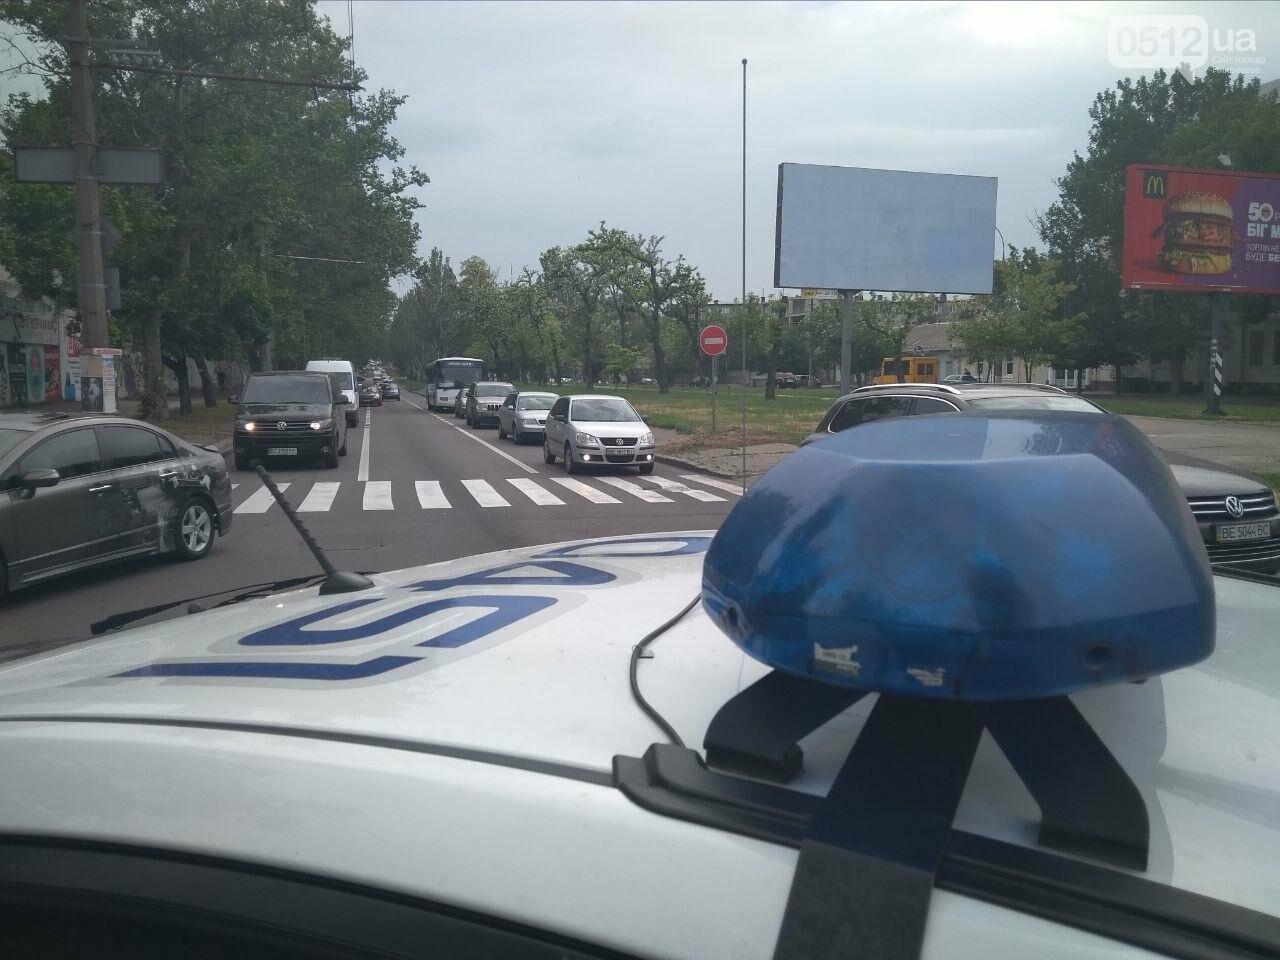 В центре Николаева произошла авария с участием автомобиля автошколы, - ФОТО, фото-1